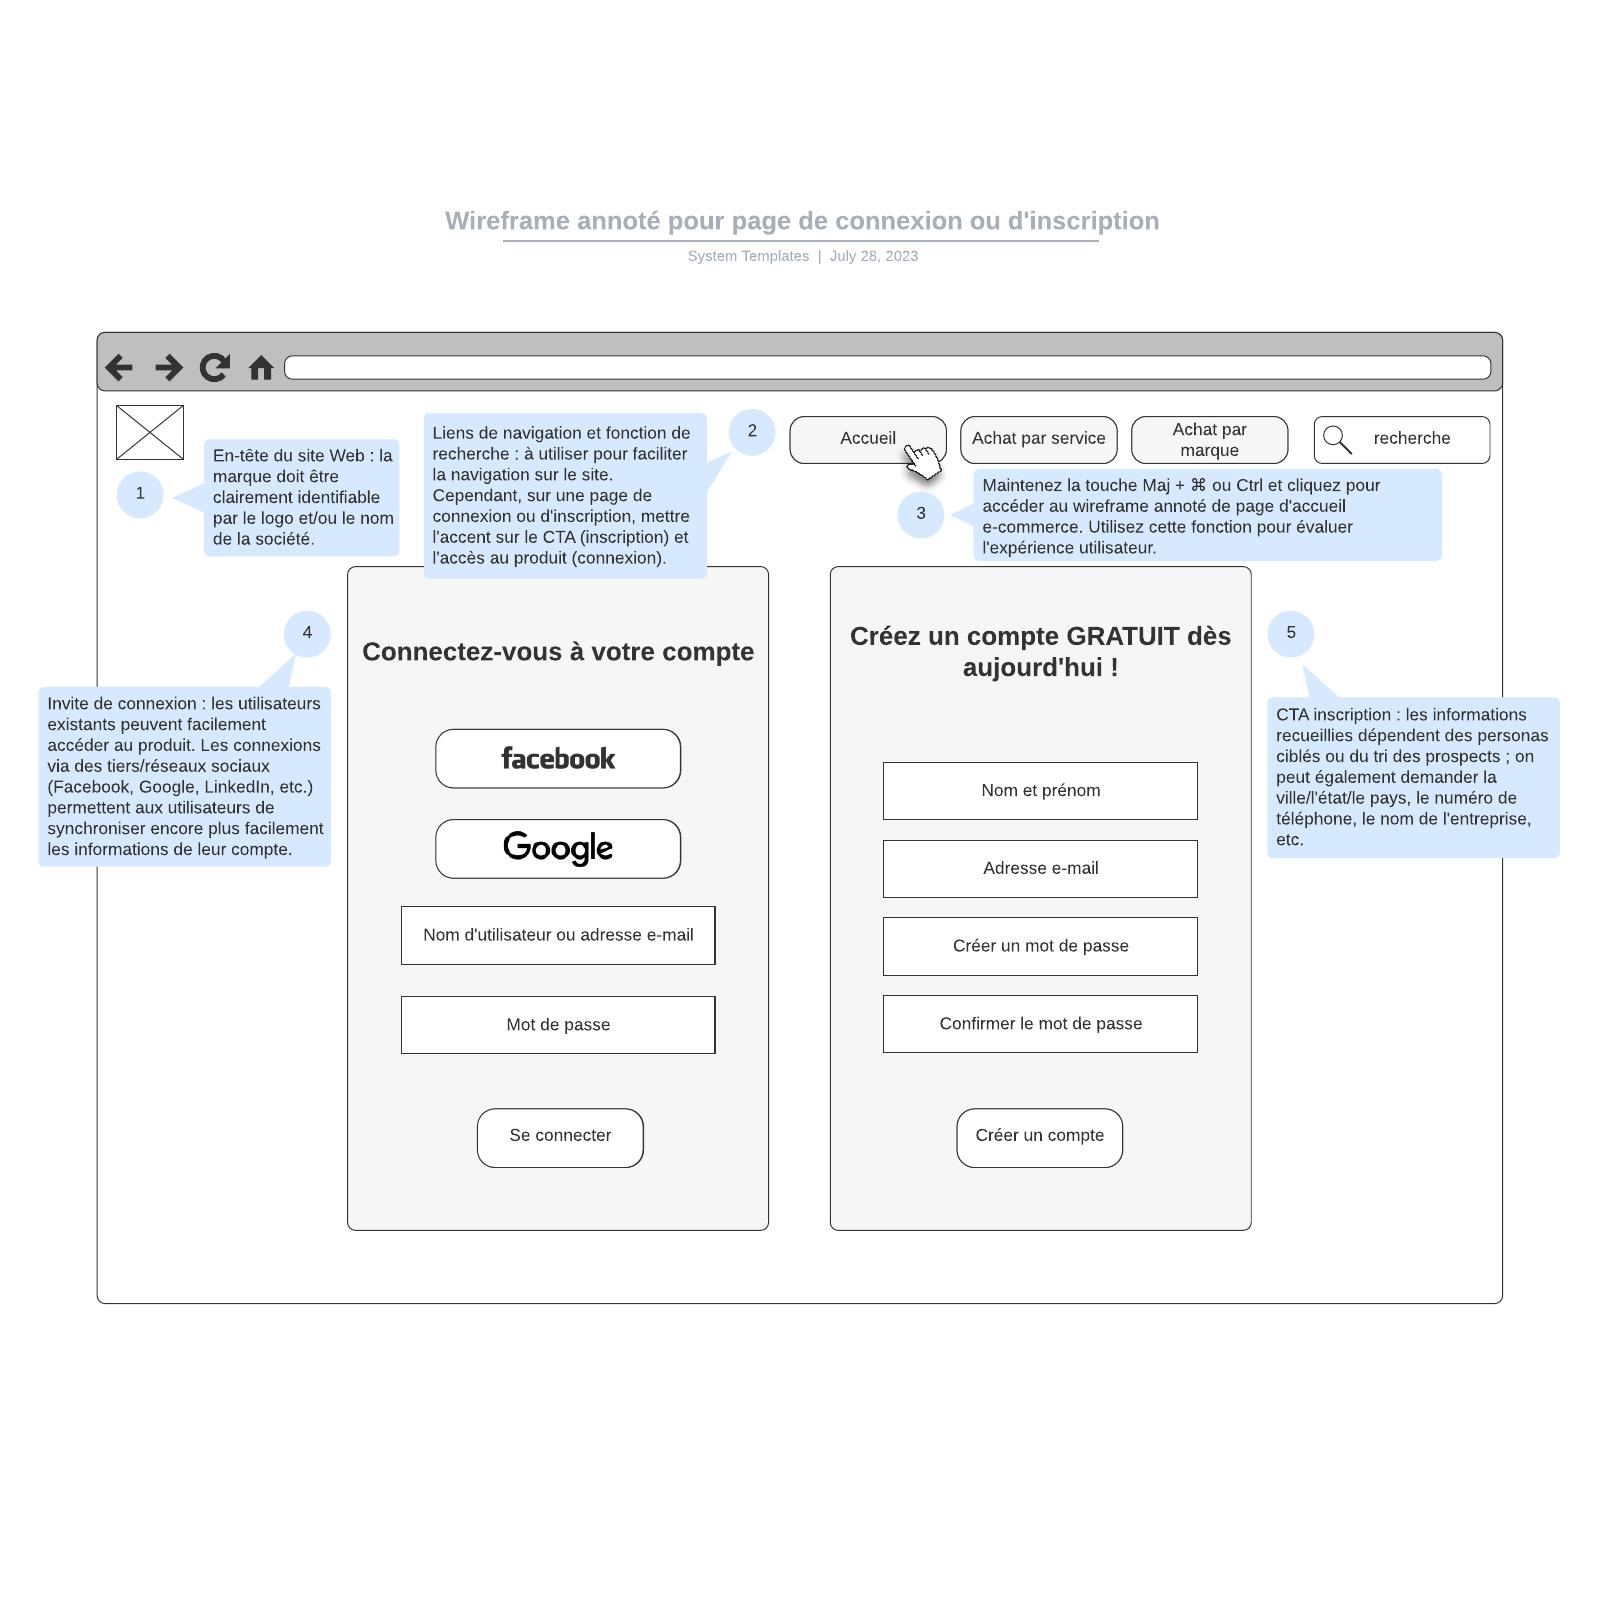 exemple de wireframe annoté pour page de connexion ou d'inscription